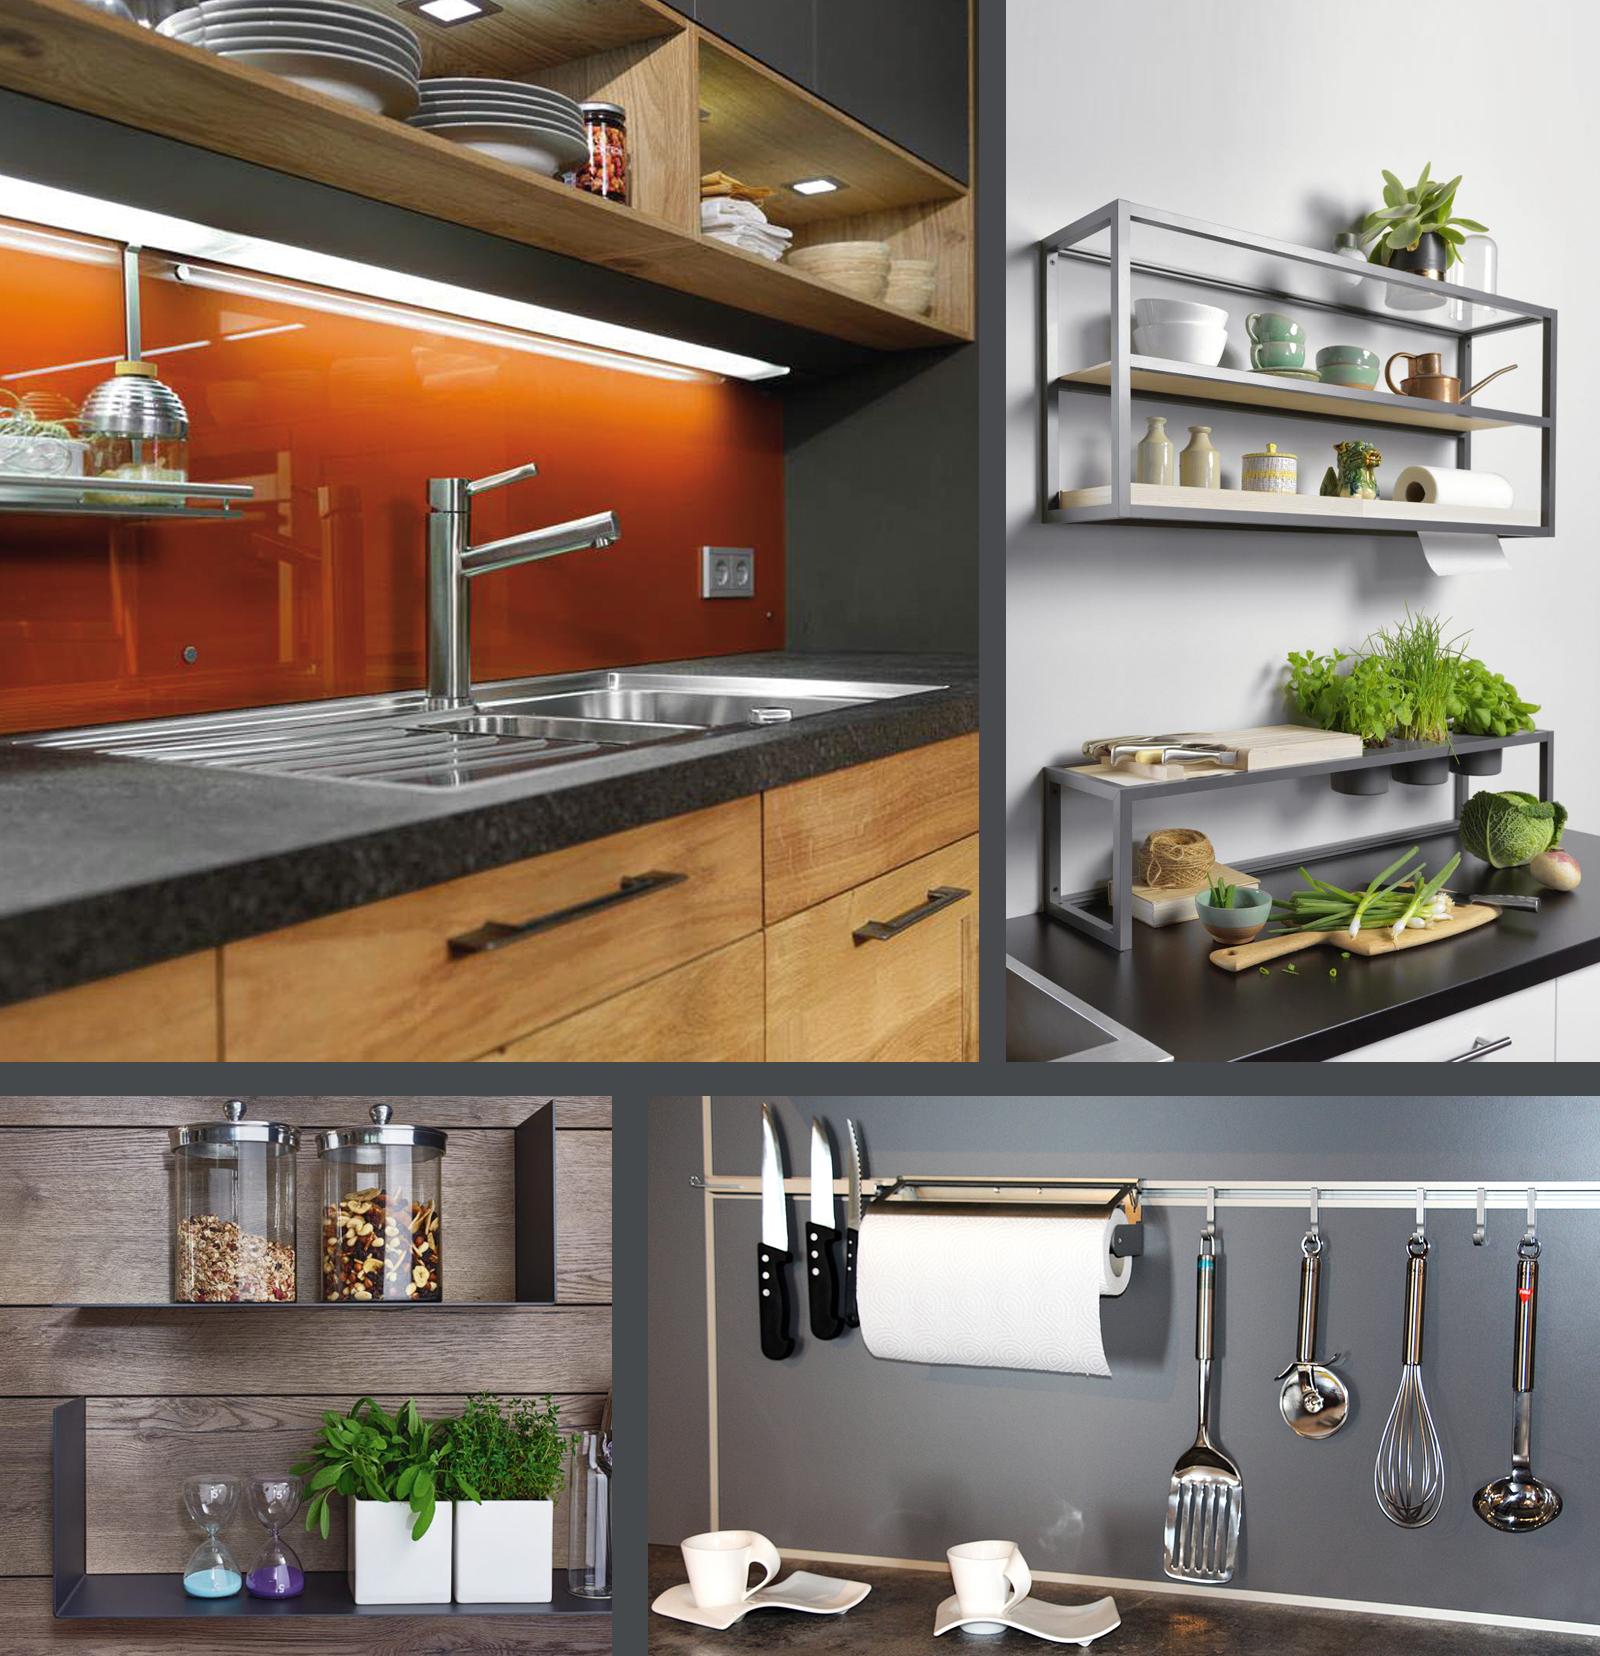 Küchenmodernisierung Und Küchenrenovierung Ihr Küchenstudio Möser